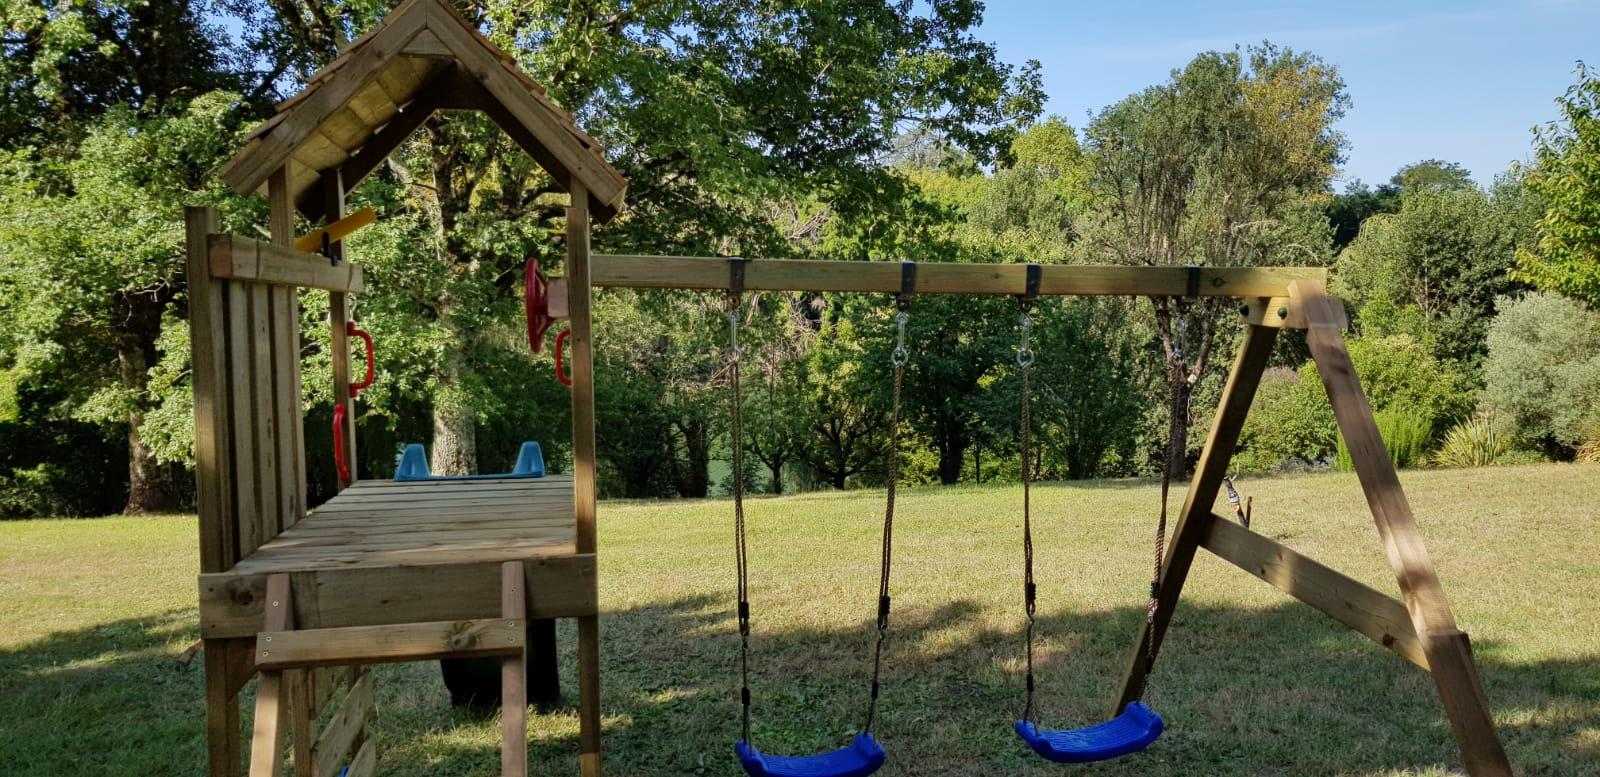 Jeux d'enfants dans le jardin